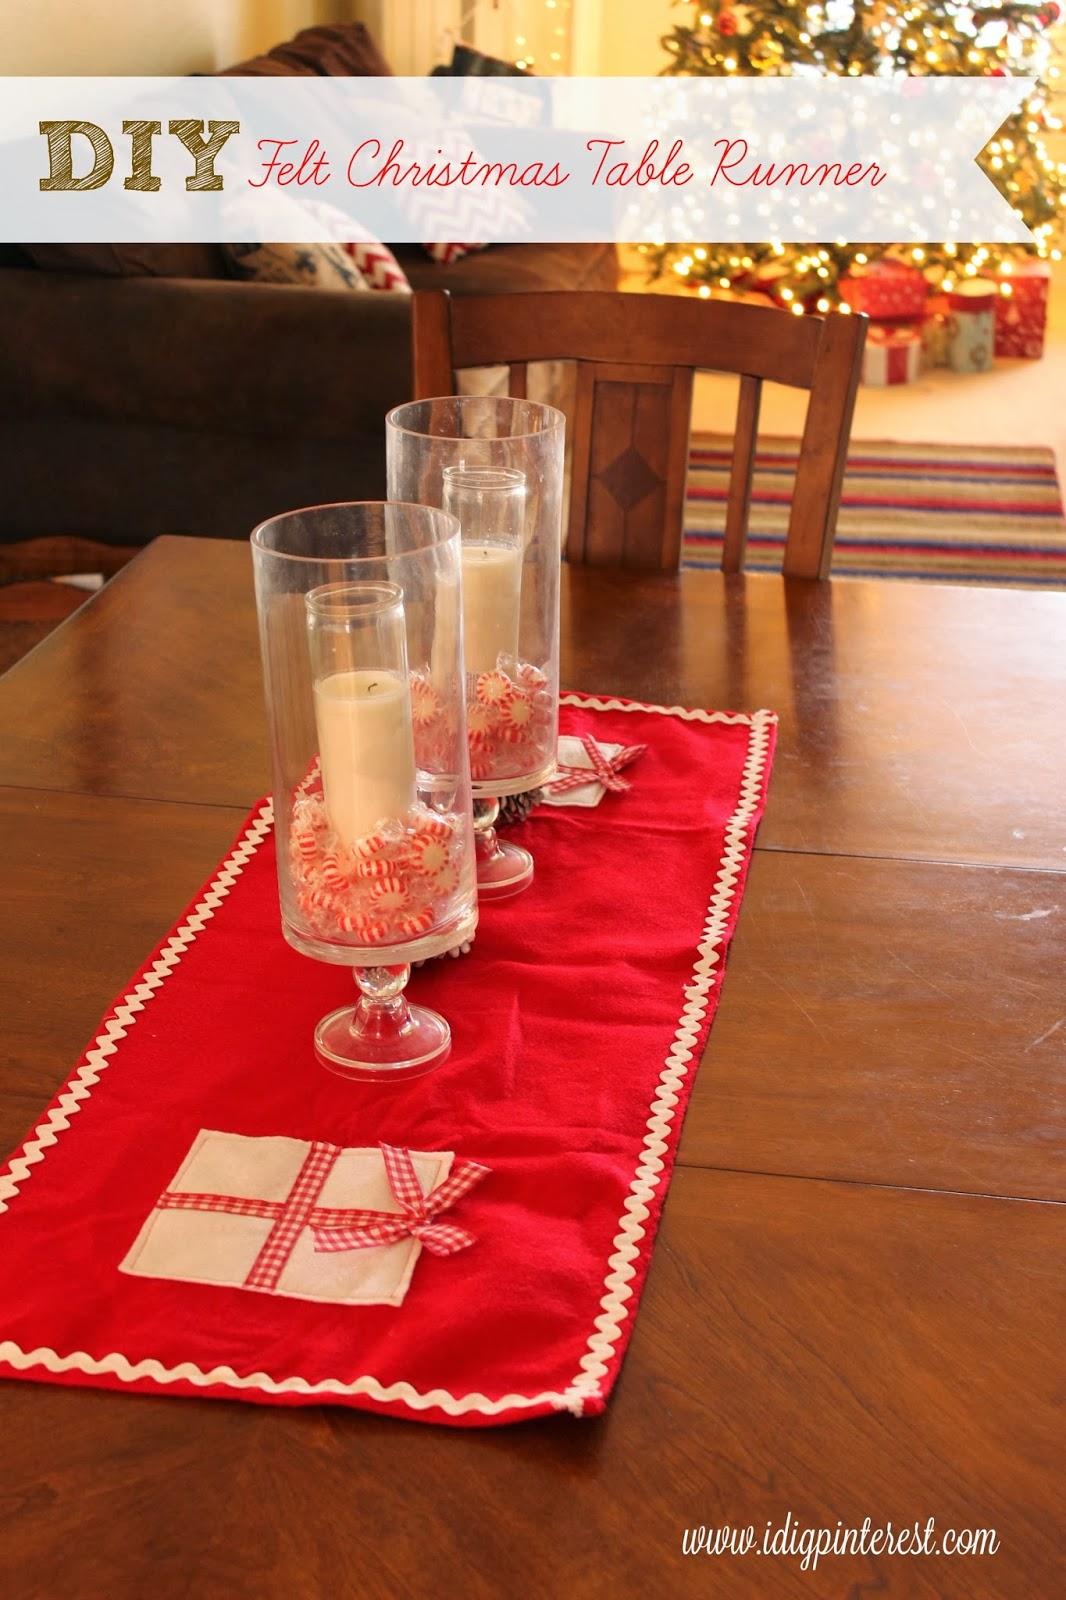 Christmas Table Runner To Make.Diy Felt Christmas Table Runner I Dig Pinterest